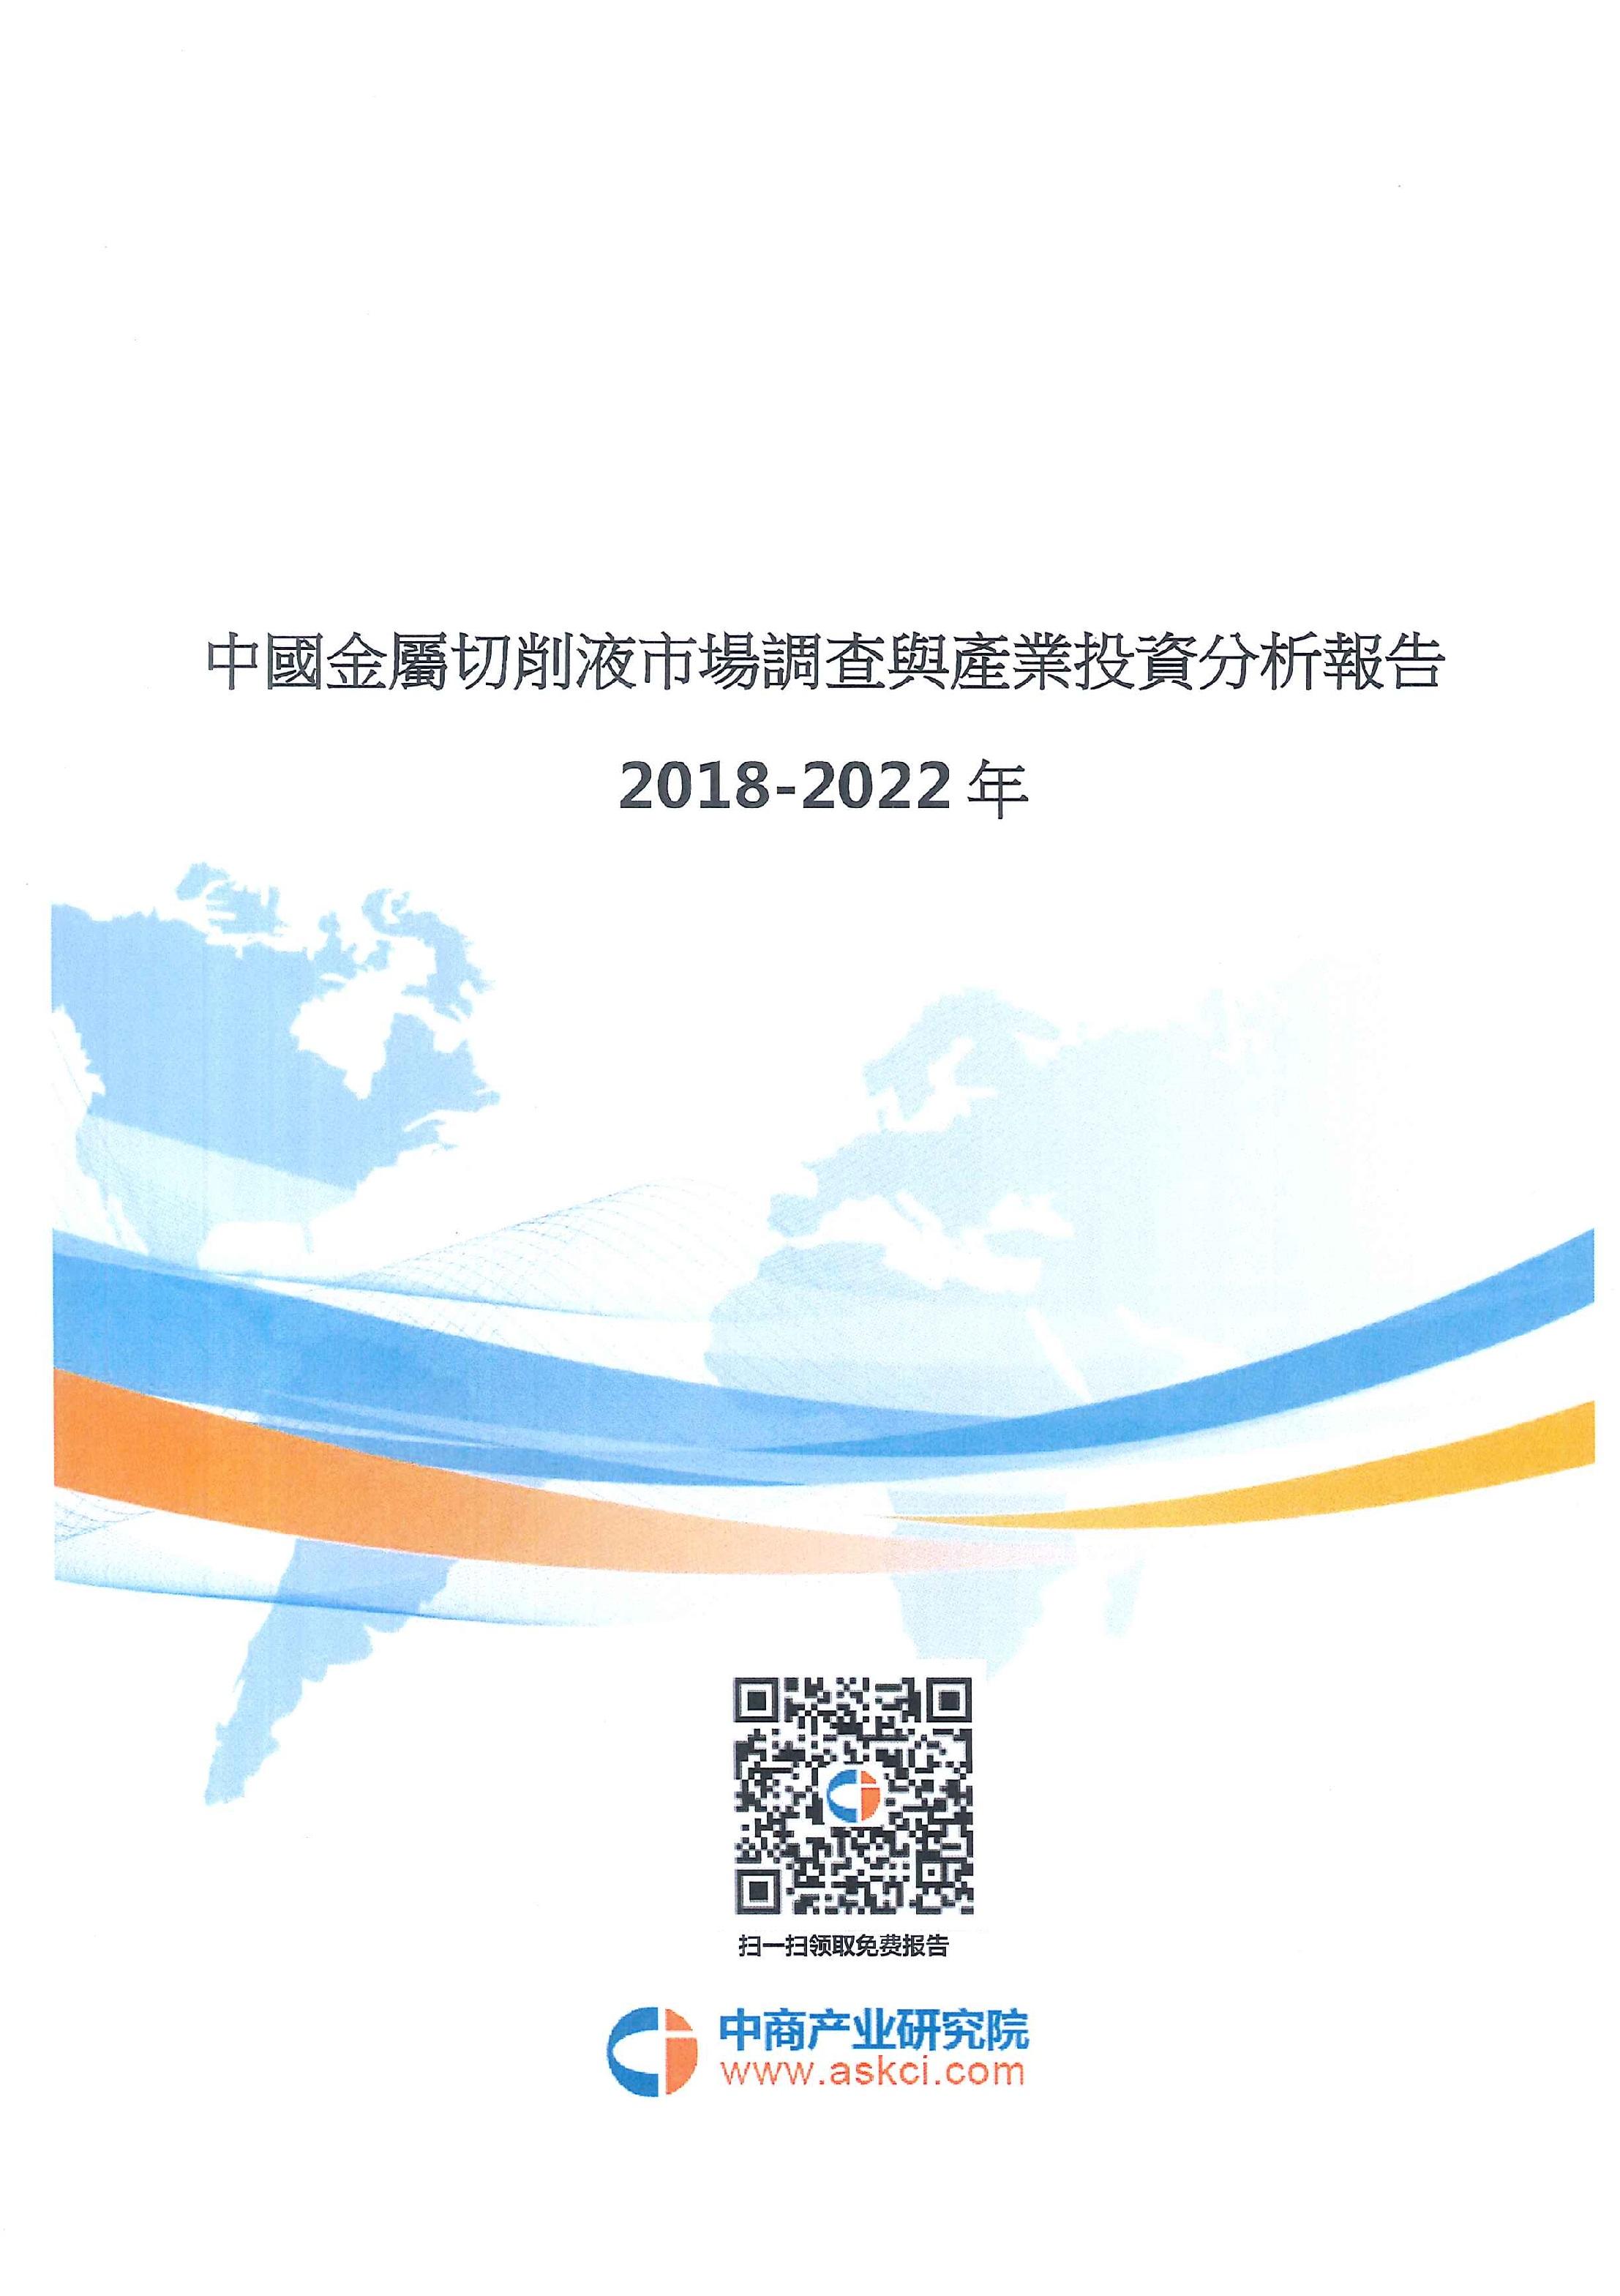 中國金屬切削液市場調查與產業投資分析報告 [電子書].2018-2022年